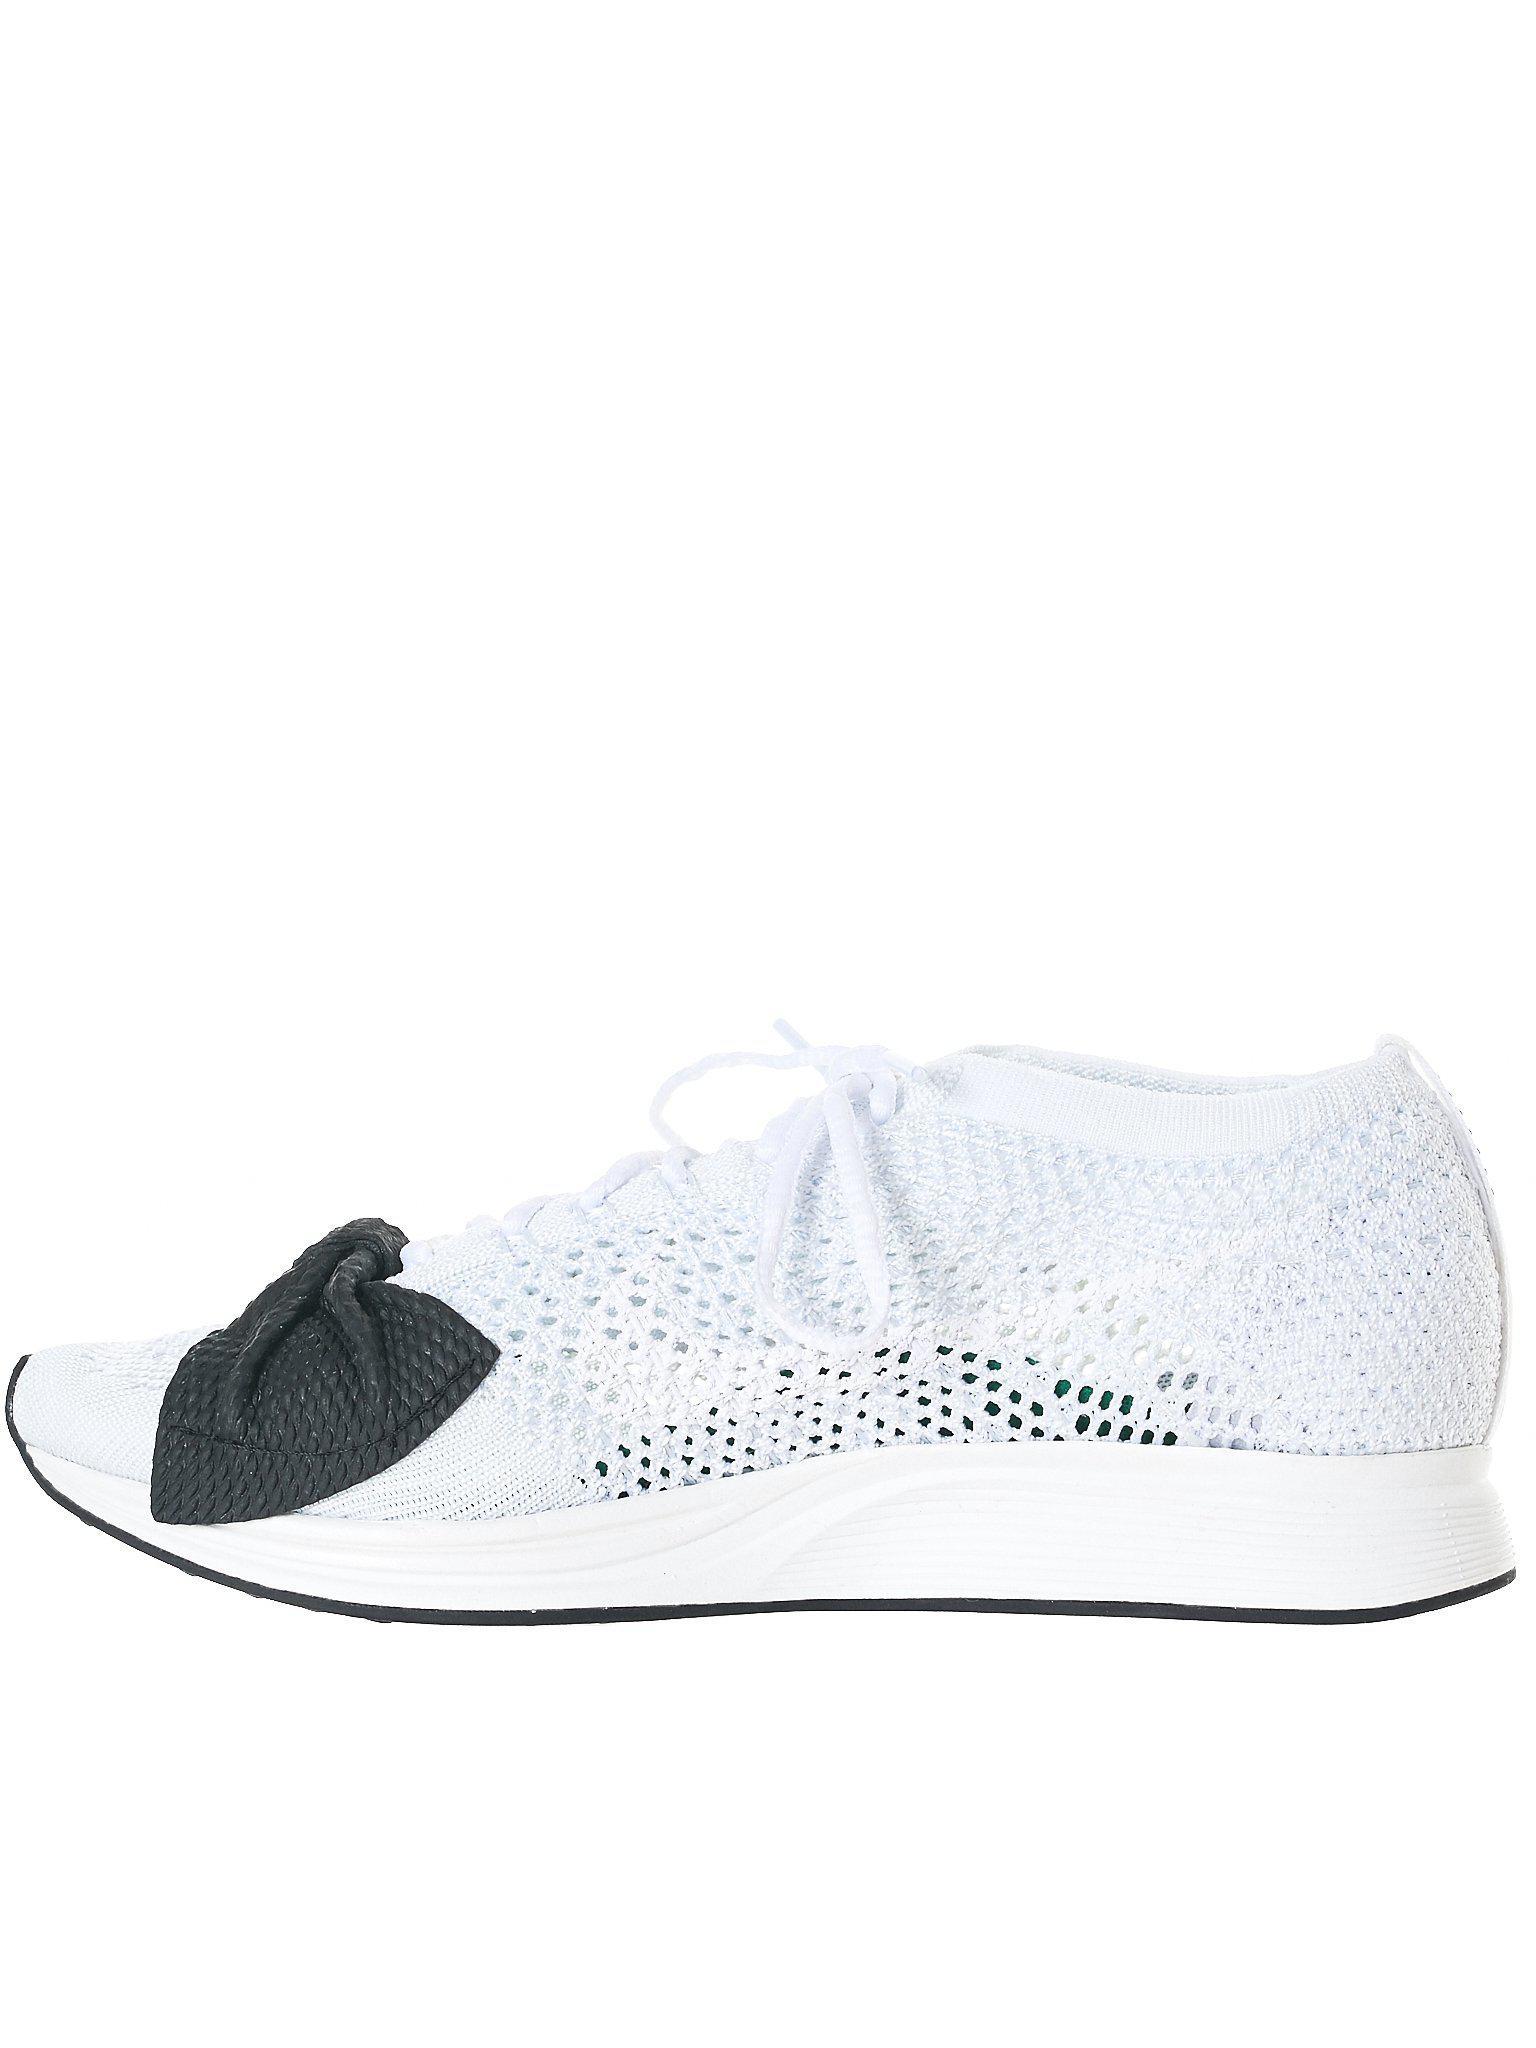 99f5b10576a Lyst - Comme des Garçons Bowtie Nike Flyknit Racers in White